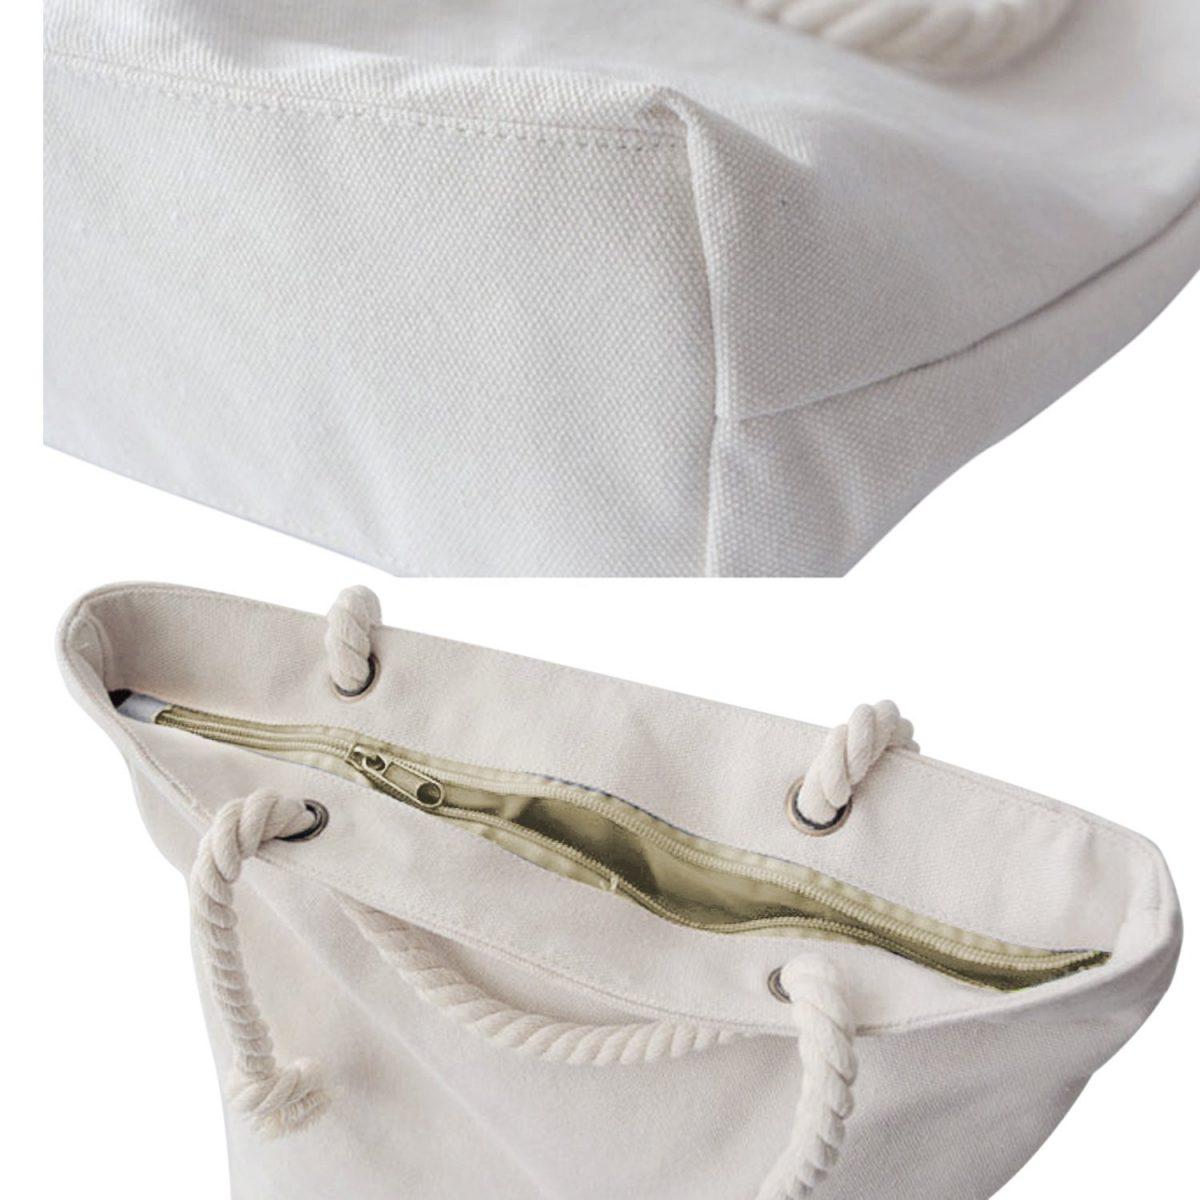 Taş Desenli Dijital Baskılı Fermuarlı Modern Kumaş Çanta Realhomes